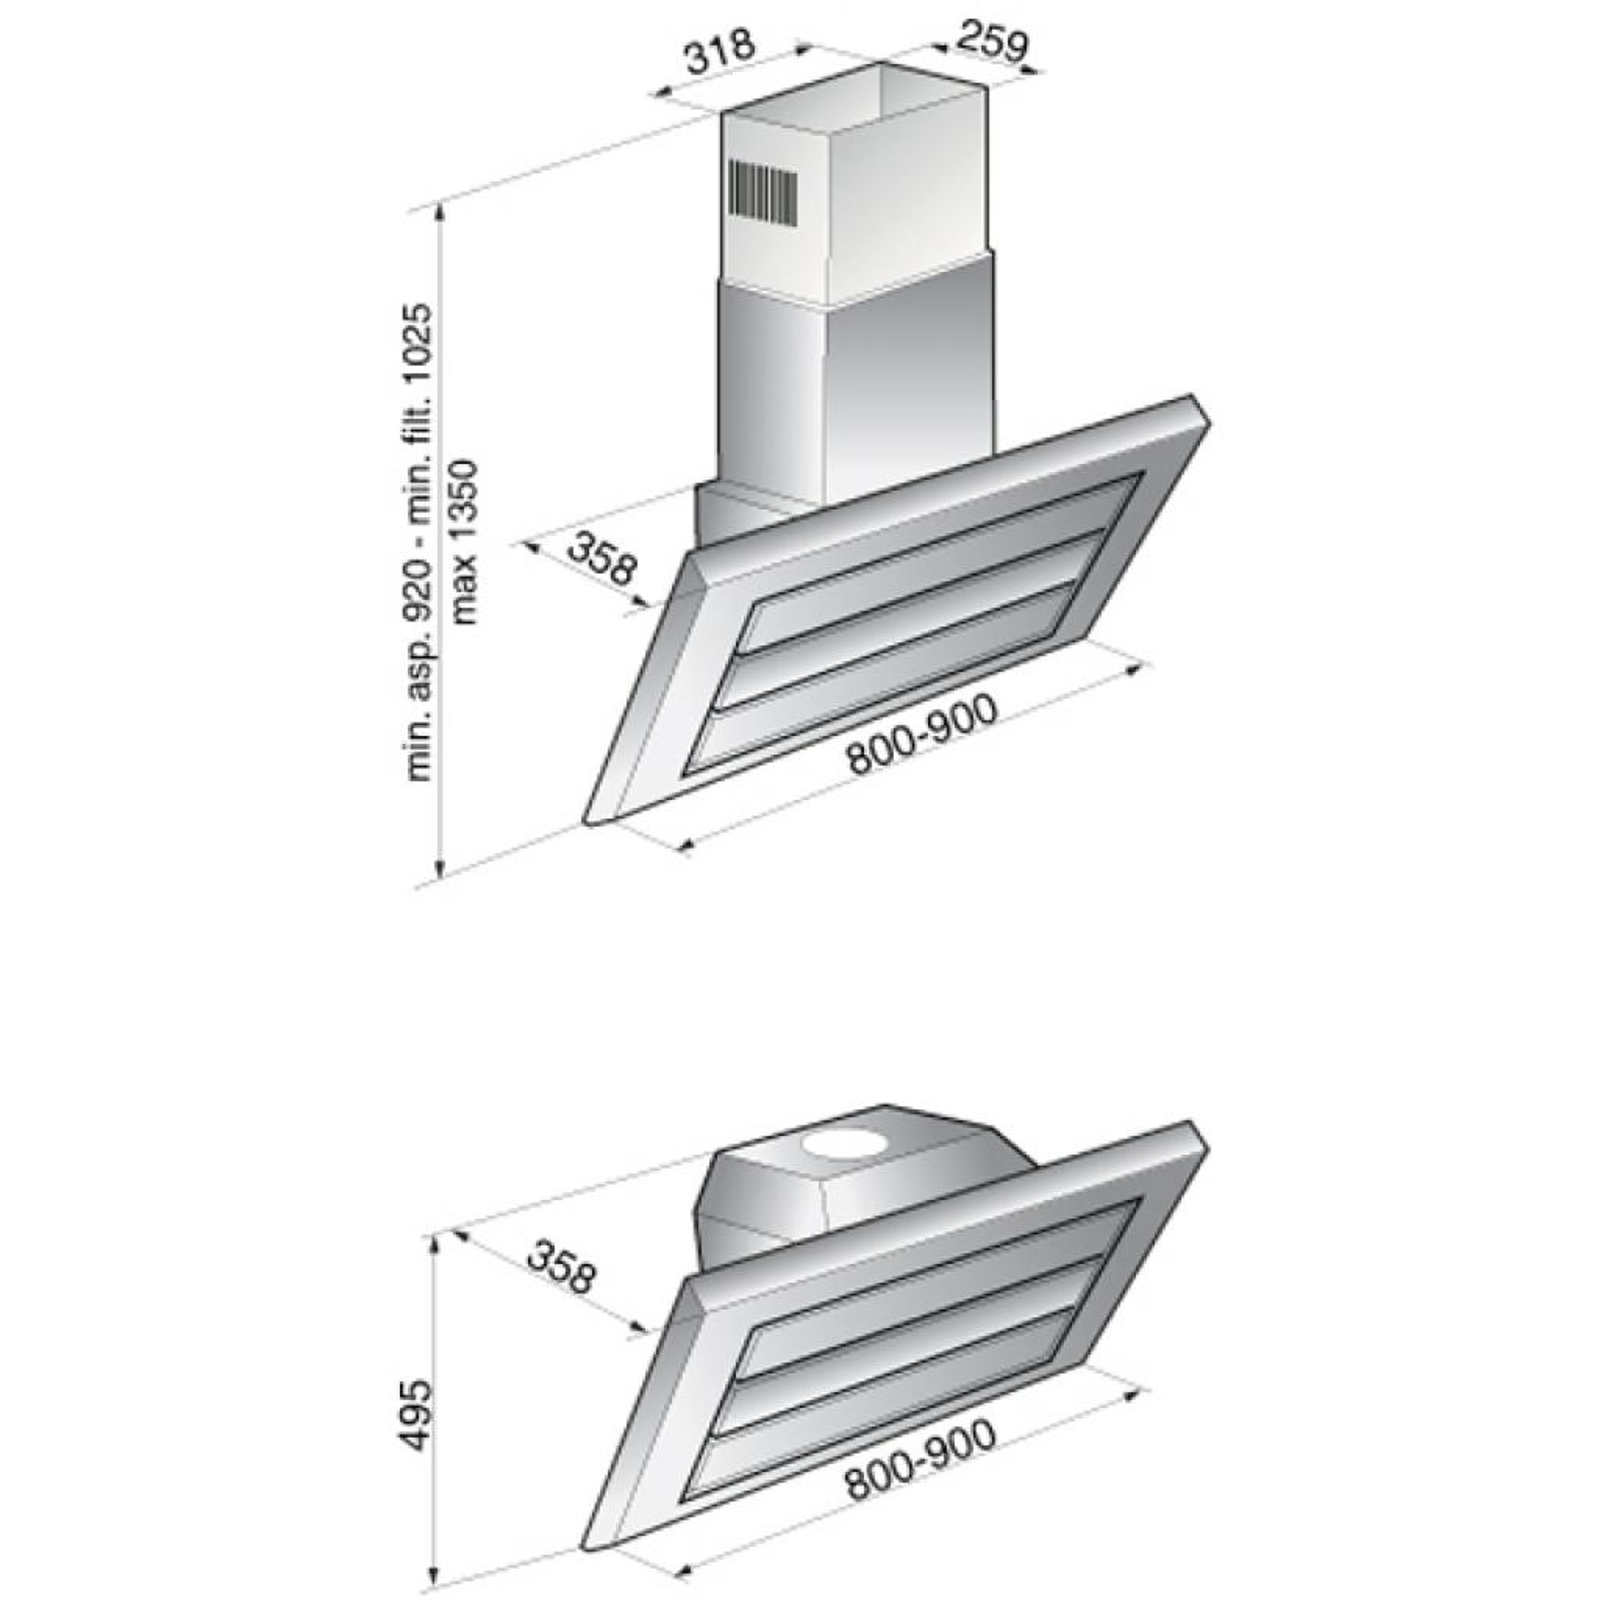 Вытяжка кухонная Zirtal KOALA изображение 2